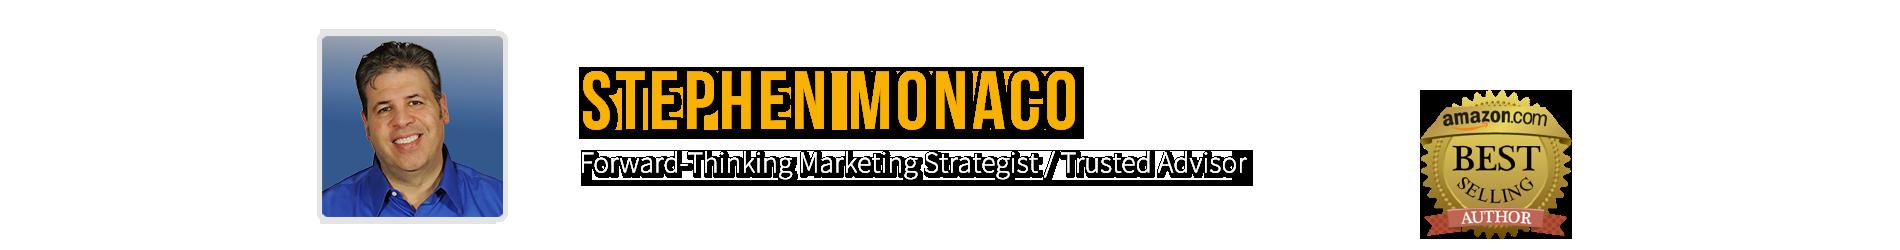 Stephen Monaco - Marketing Strategist